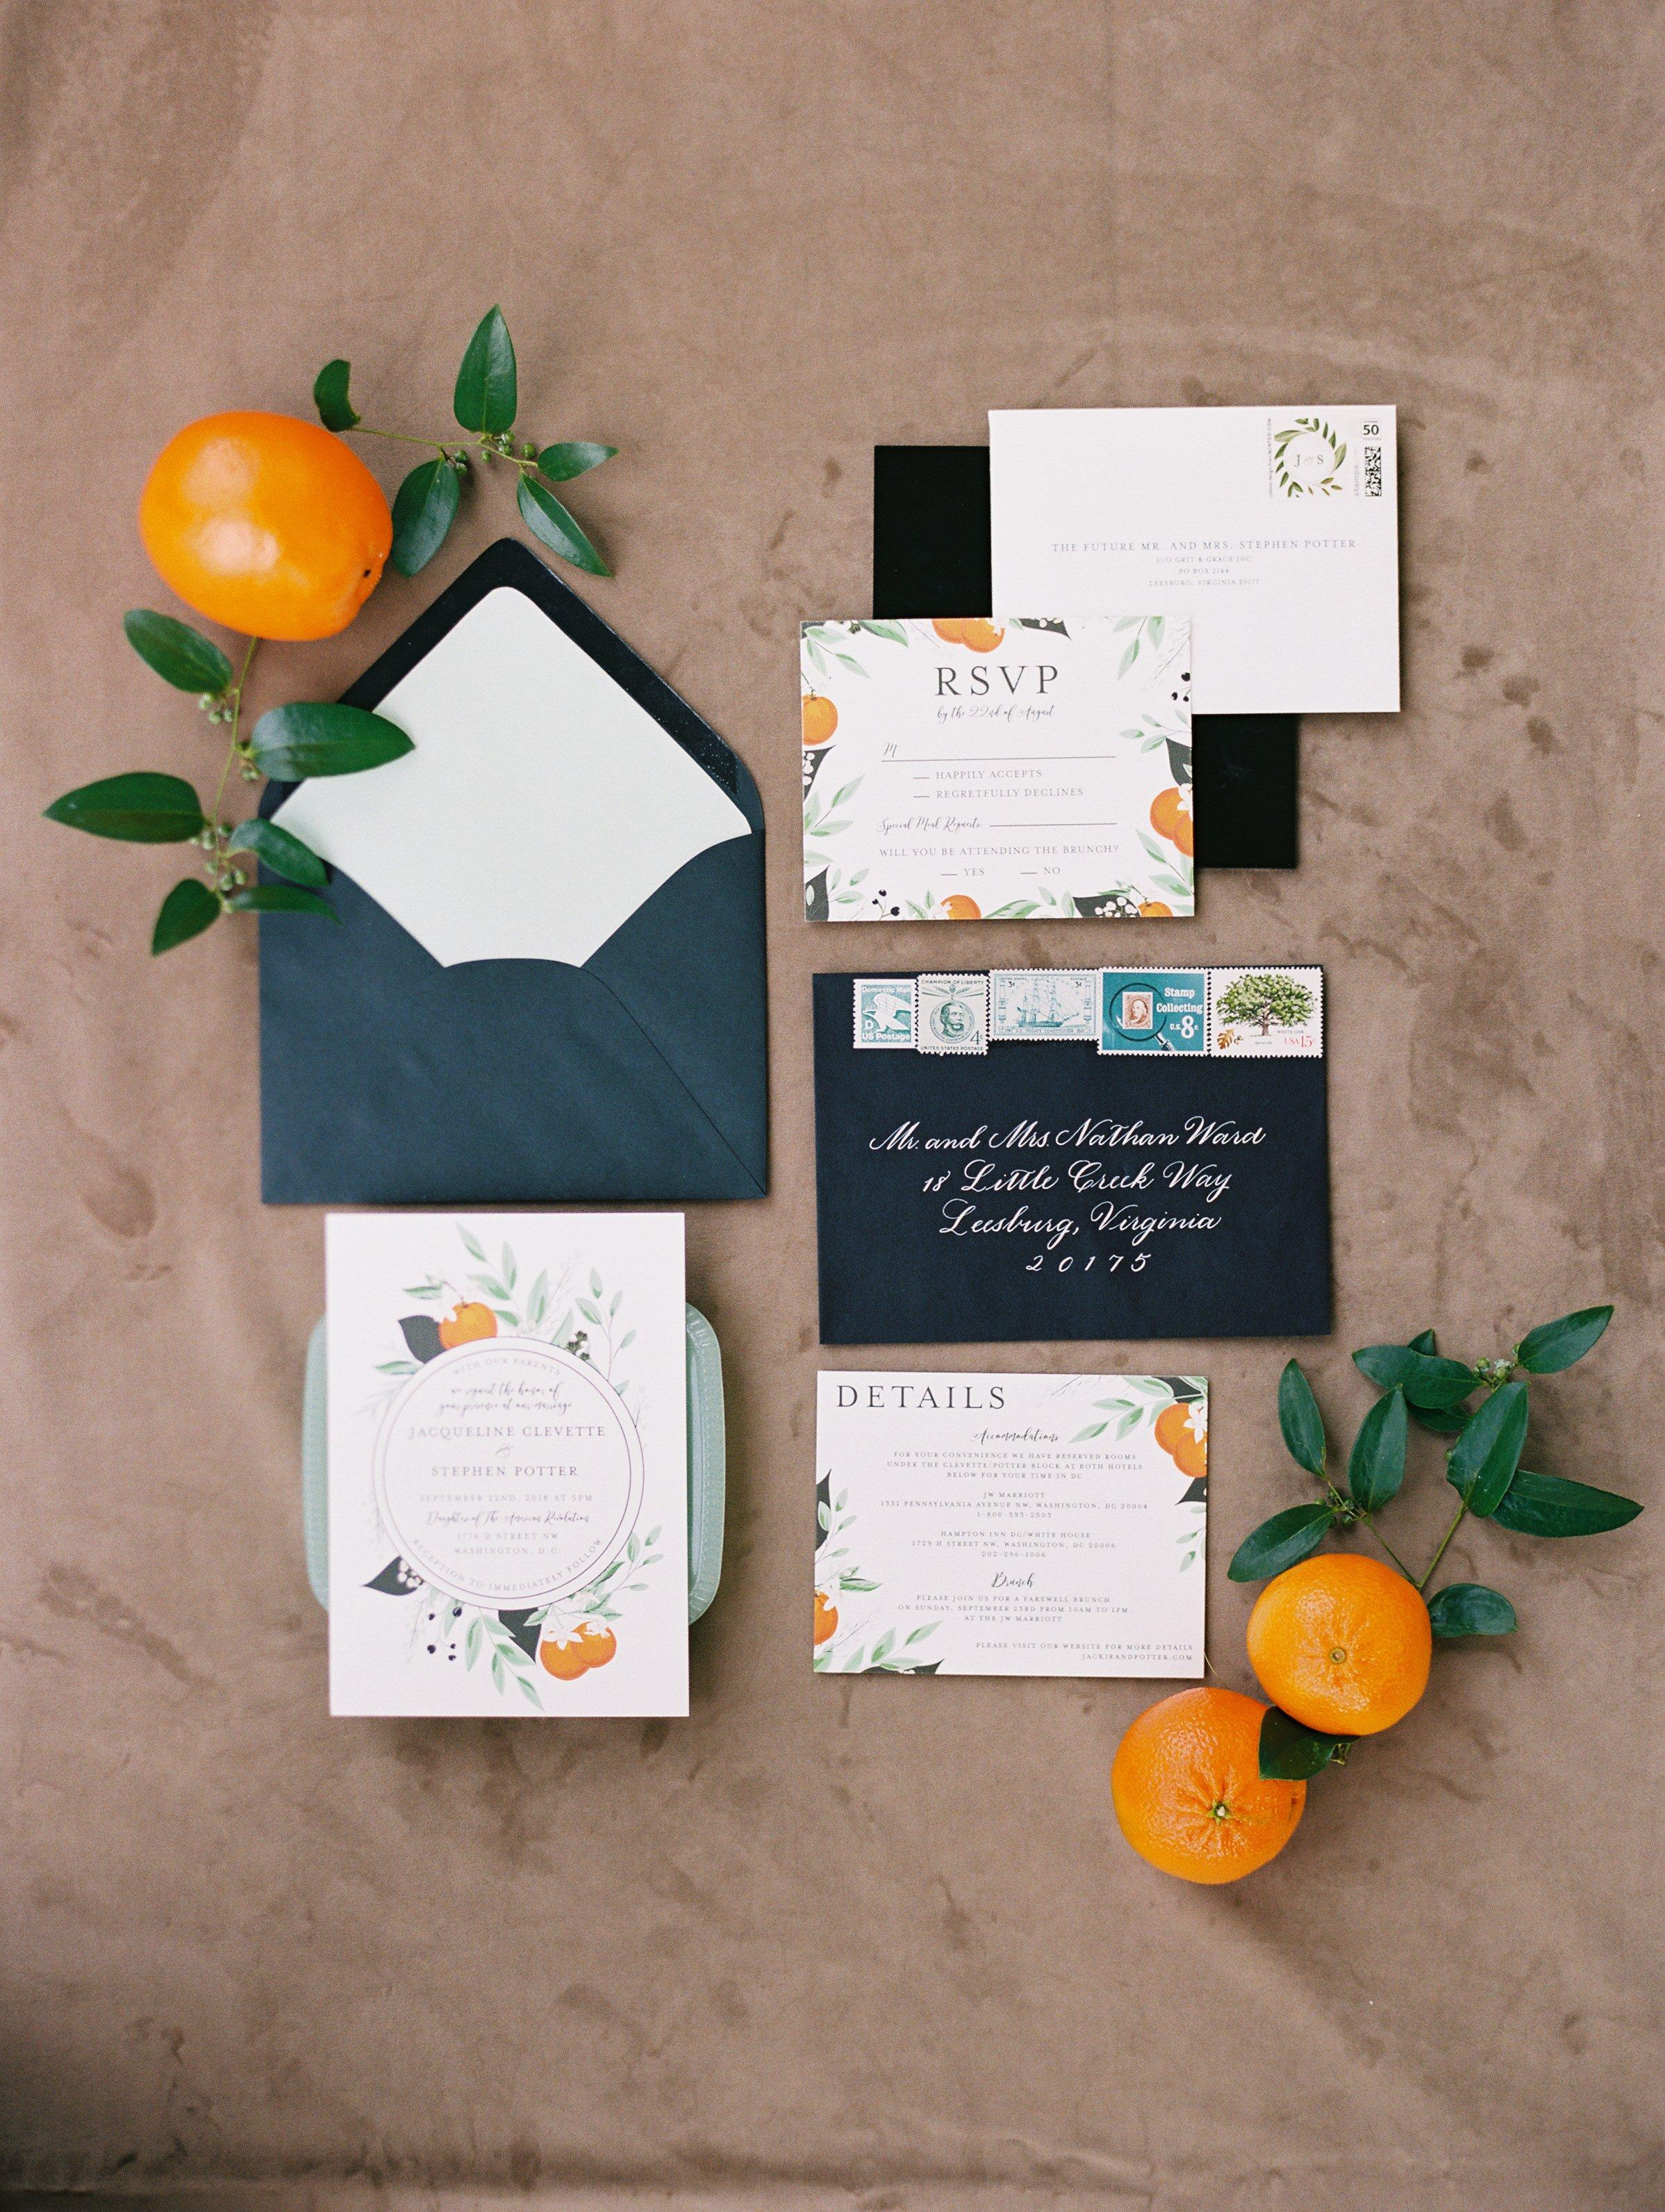 fruit-decorations-dar-wedding